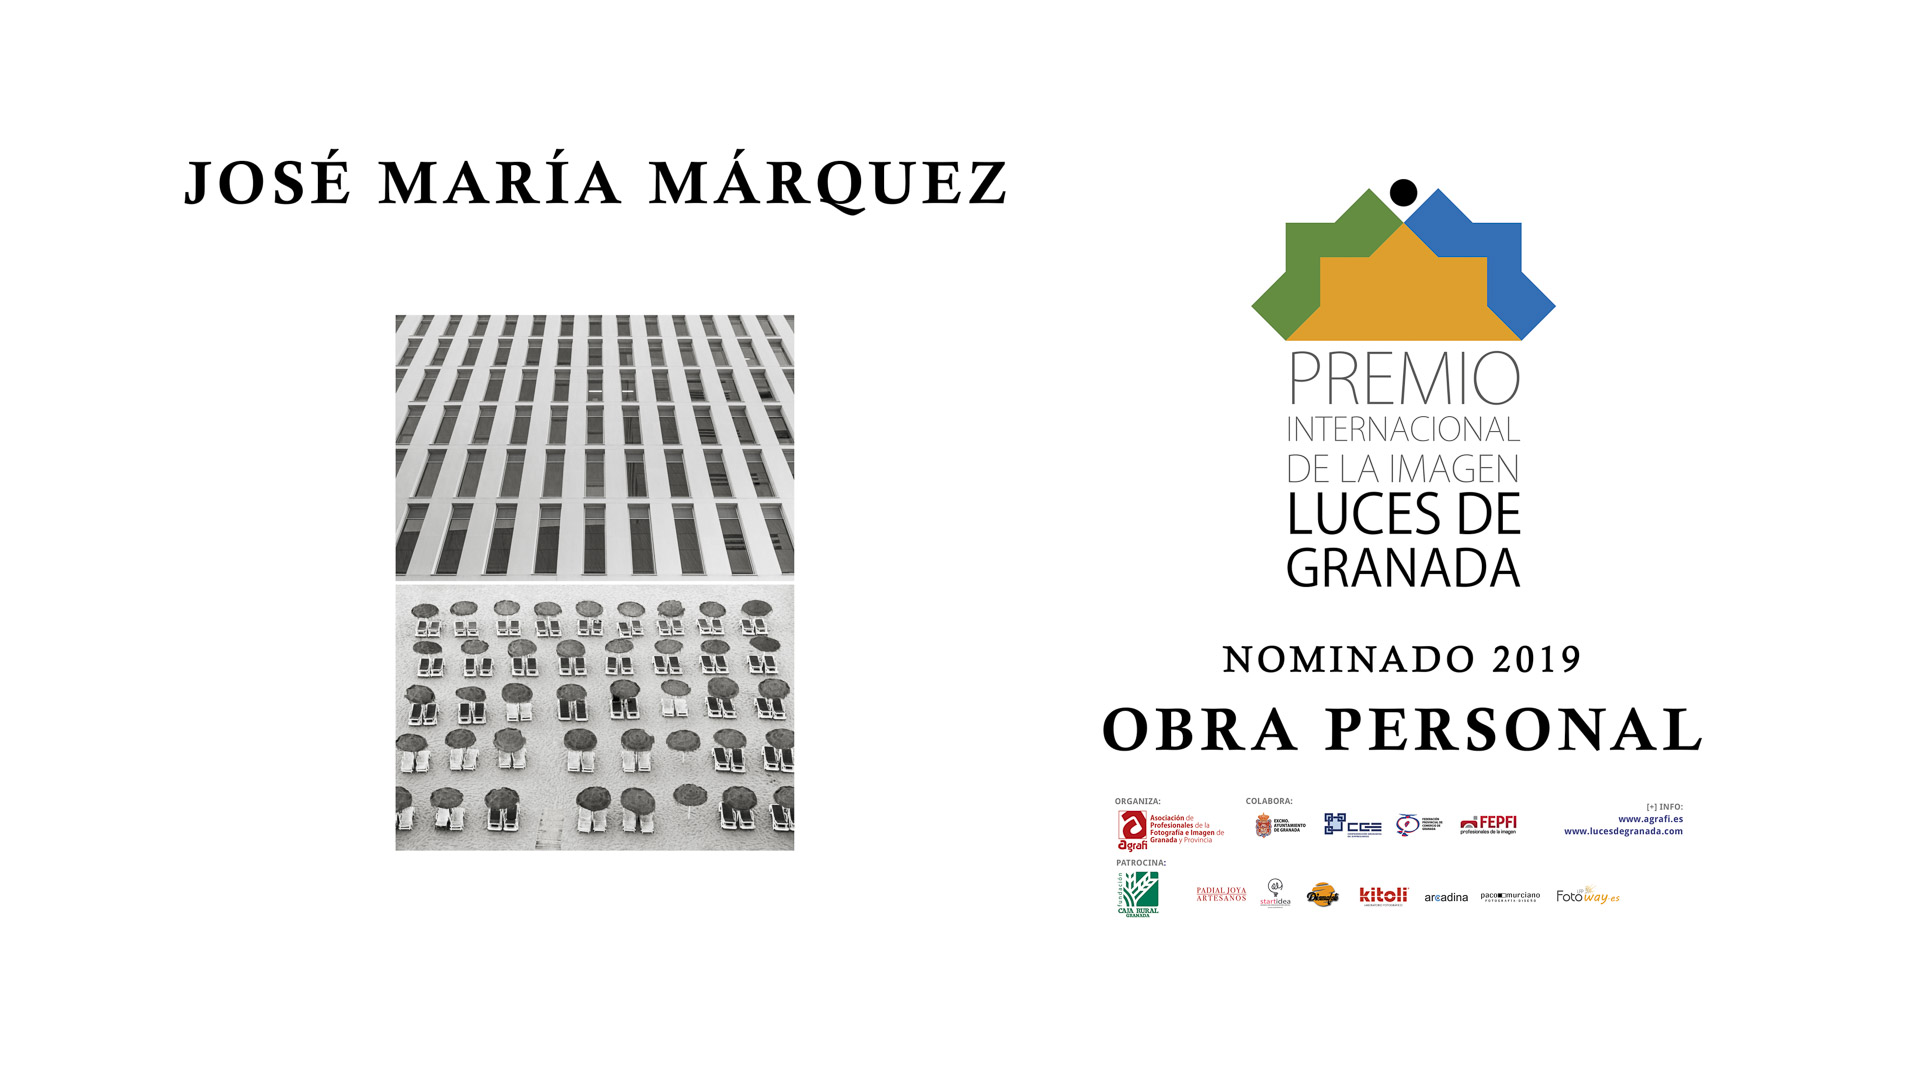 OP24_JOSE MARIA MARQUEZ